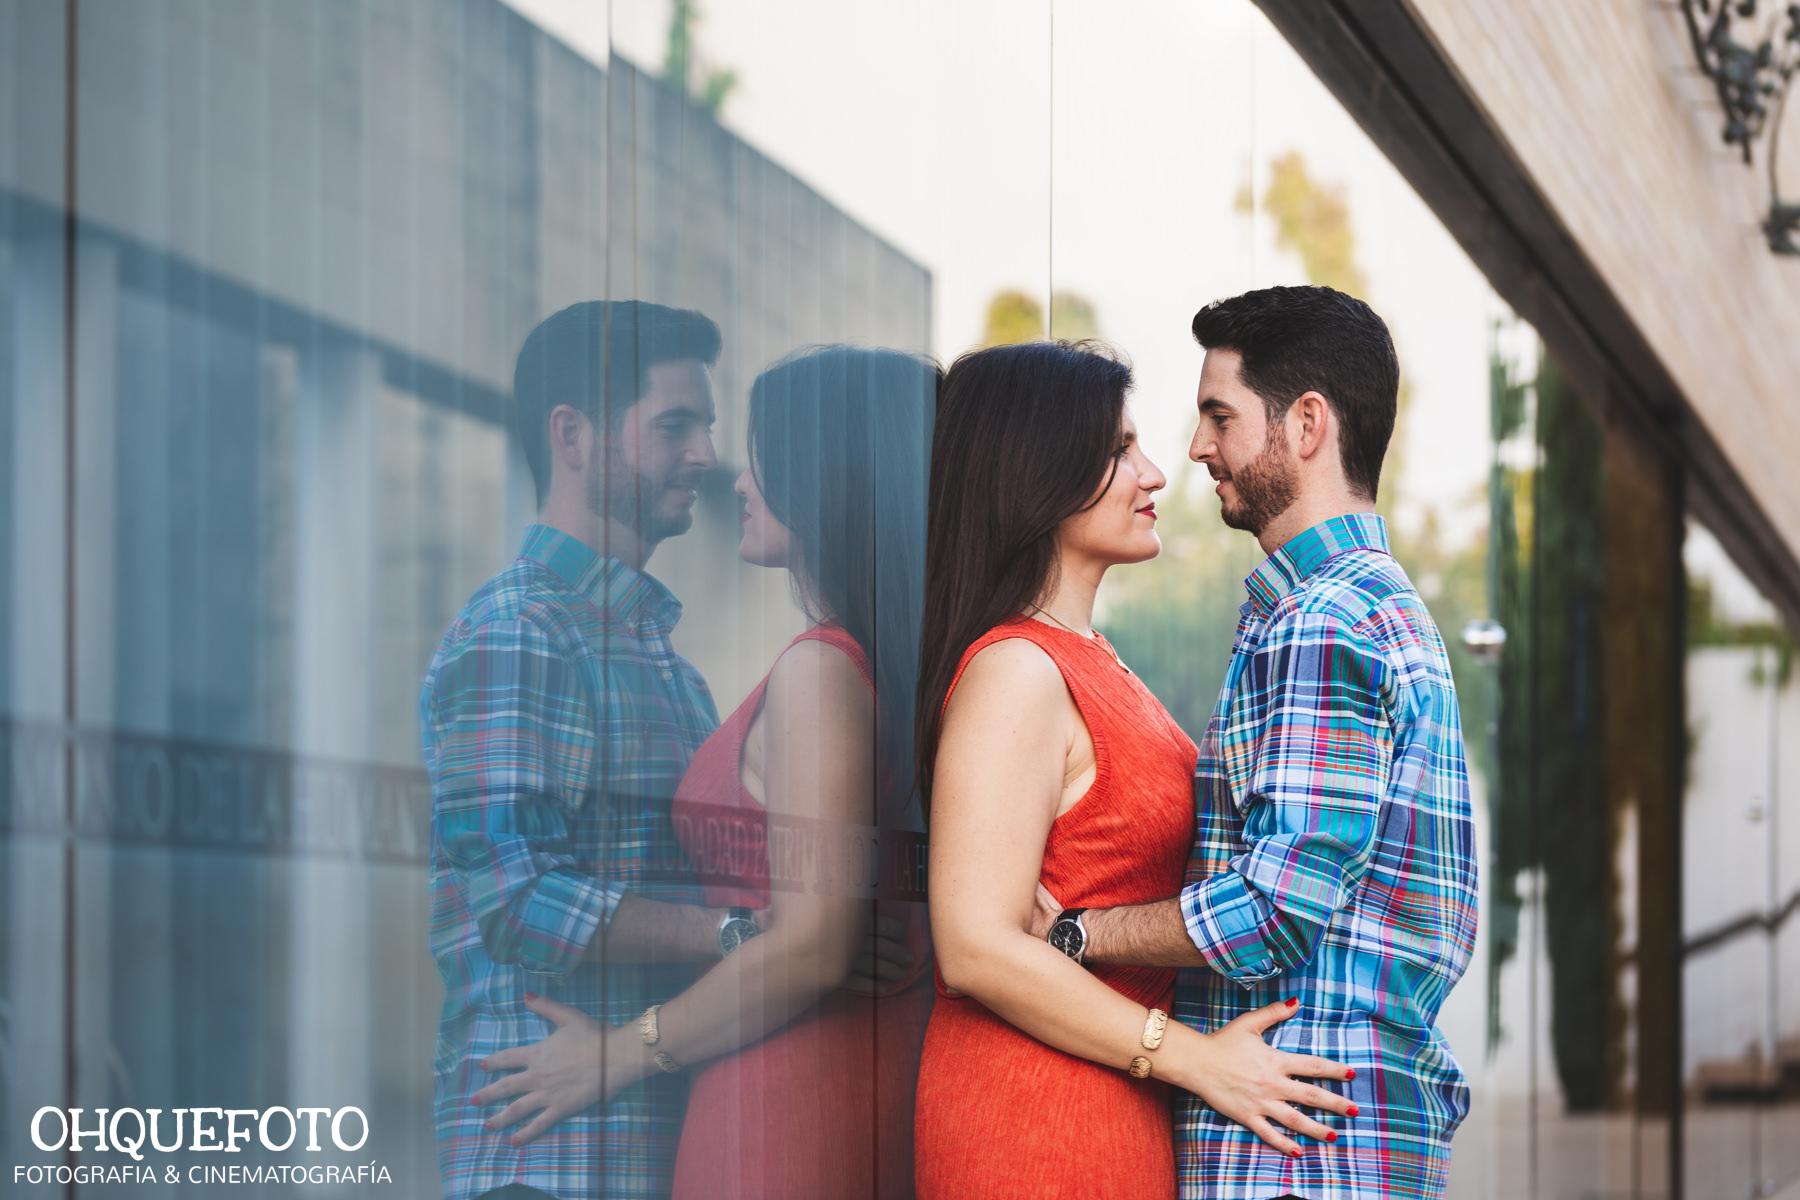 reportaje de preboda en cordoba ohquefoto fotos de boda en la mezquita de cordoba video de boda381 - Preboda en Córdoba de Roberto y Ana Belén